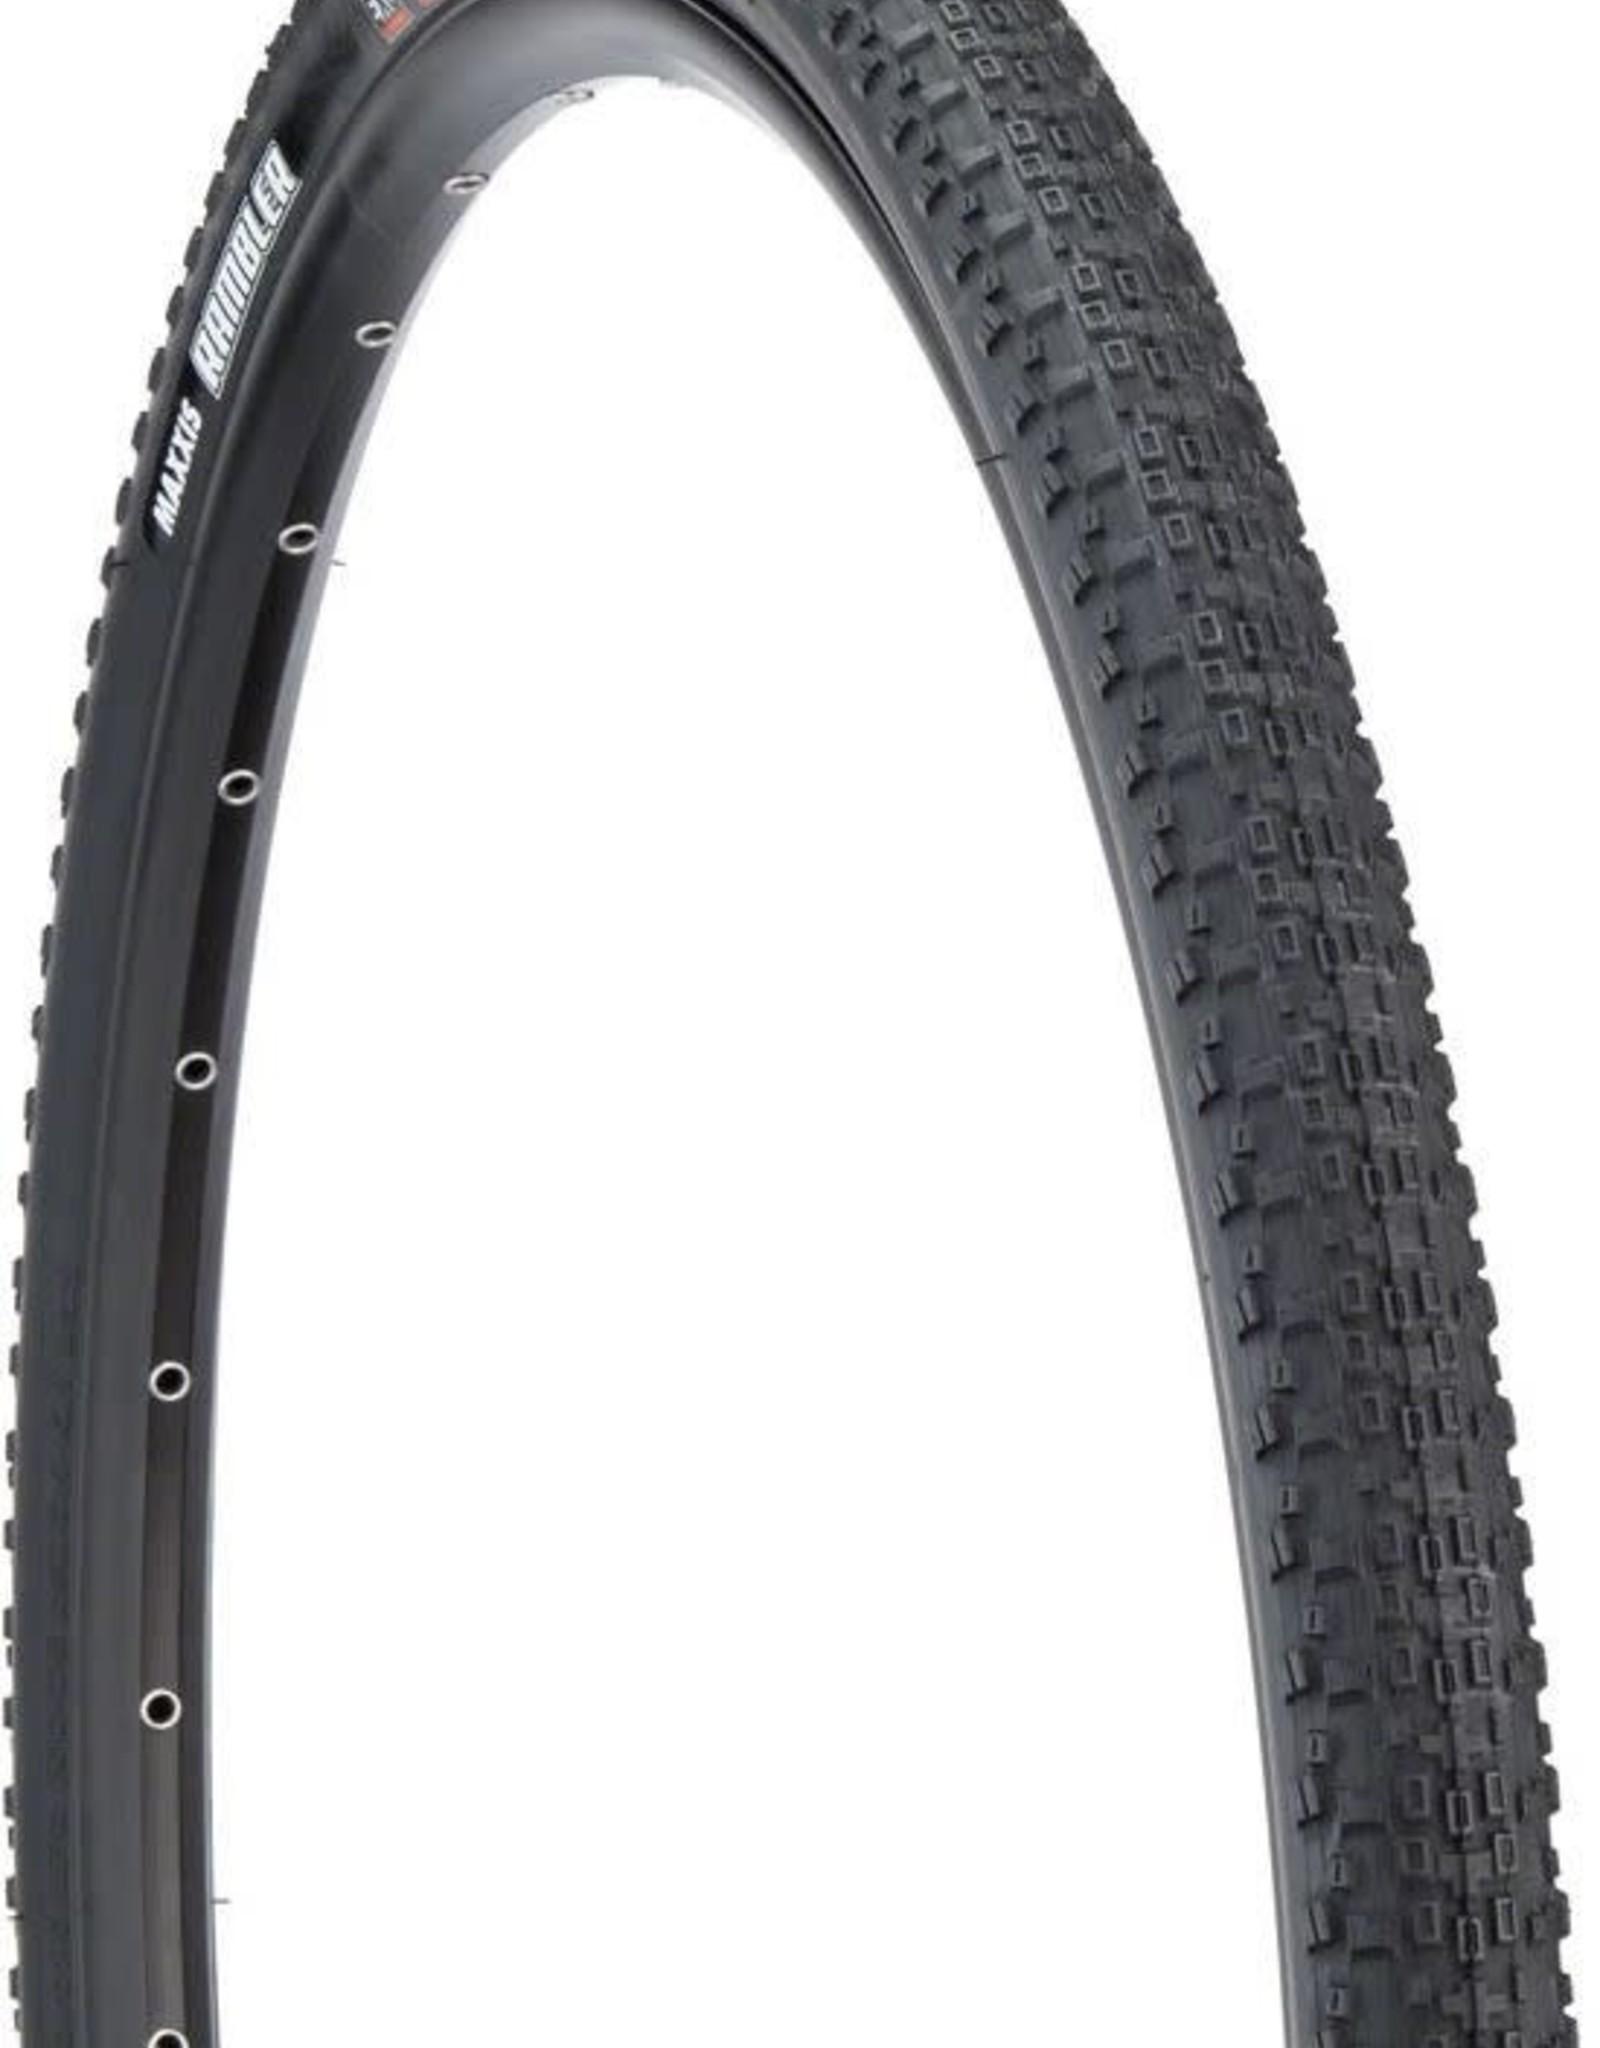 Maxxis Maxxis Rambler Tire, 700 x 40 EXO/TR - Black